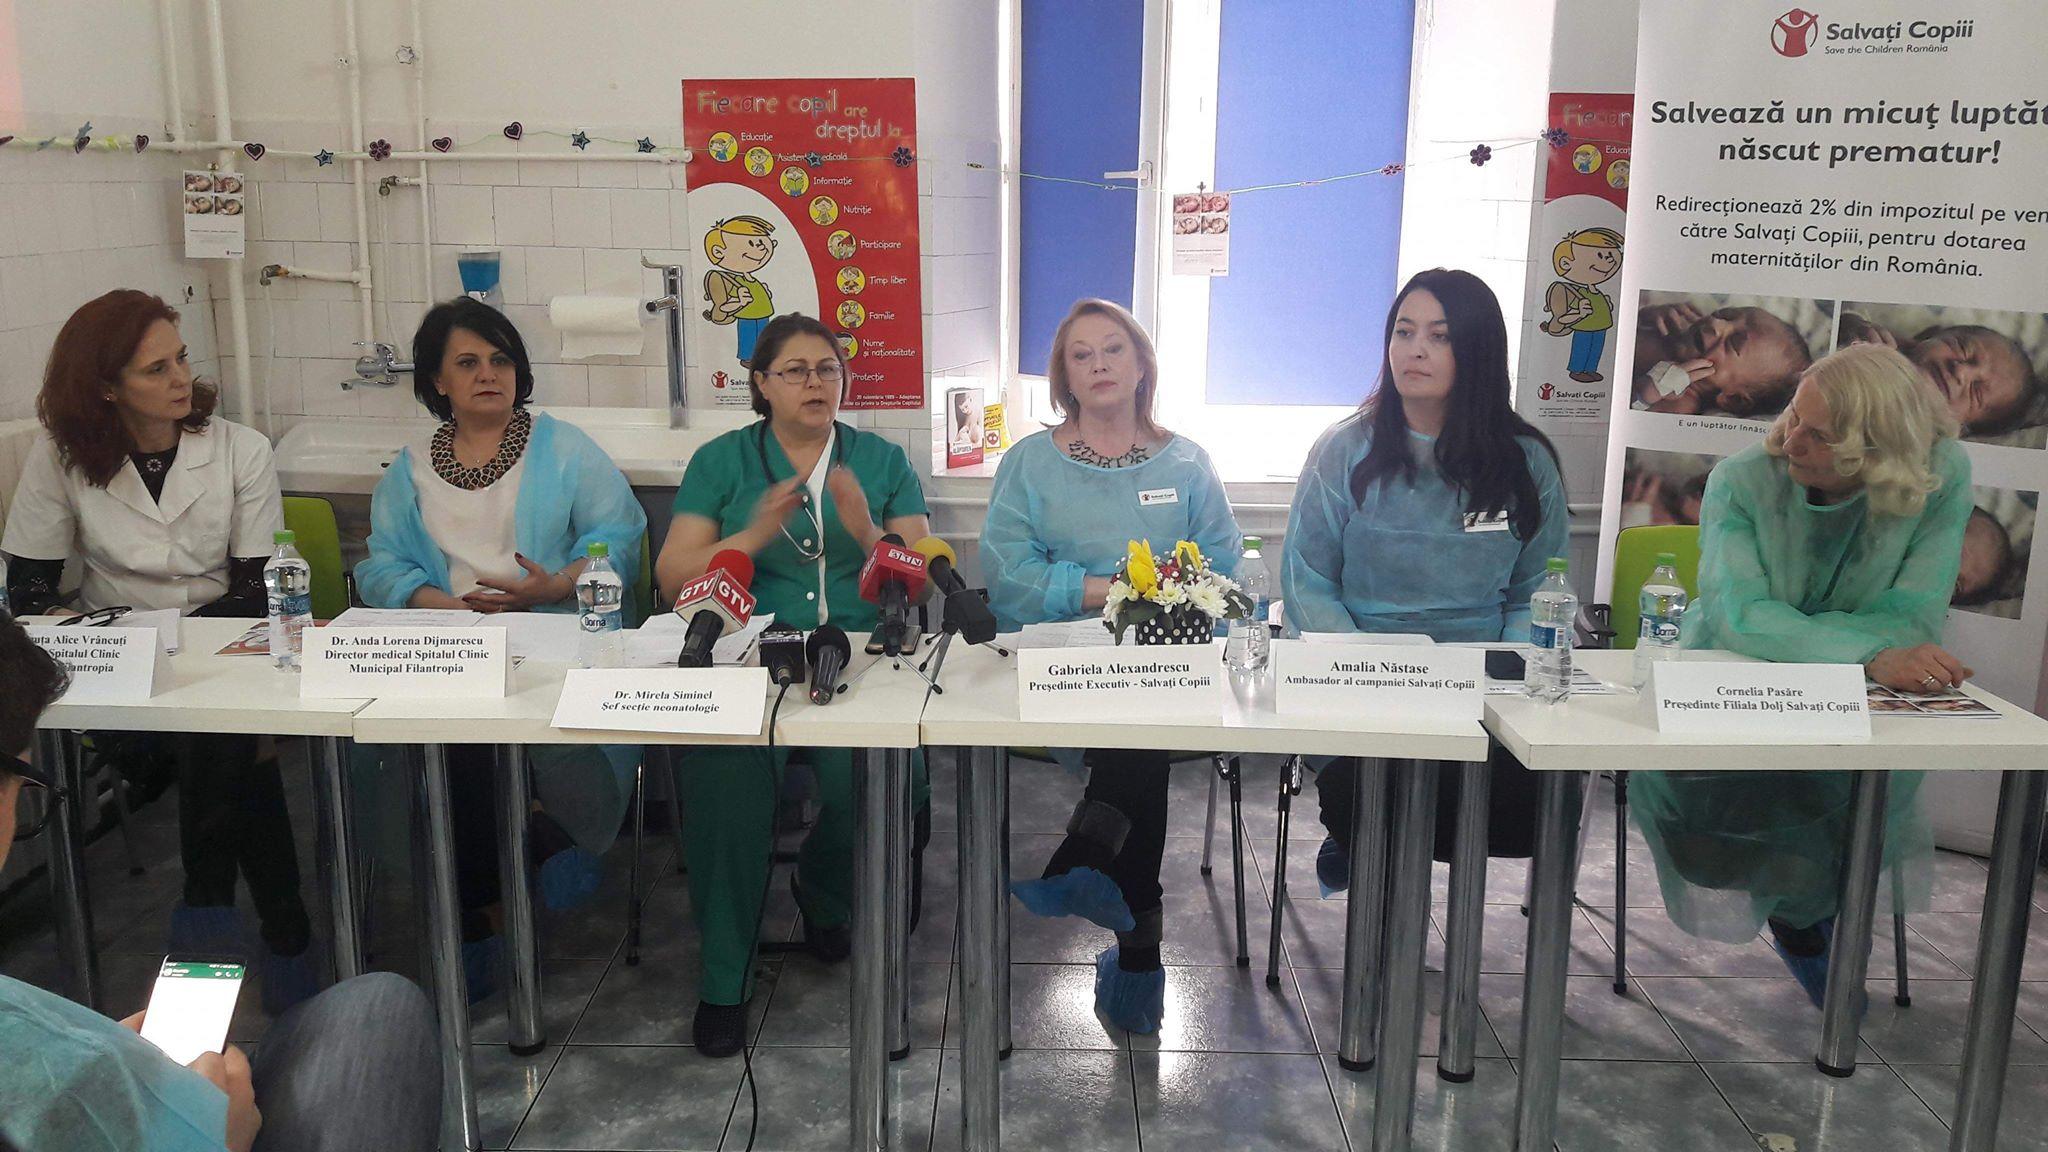 Donaţii pentru salvarea copiilor născuţi prematur la Filantropia